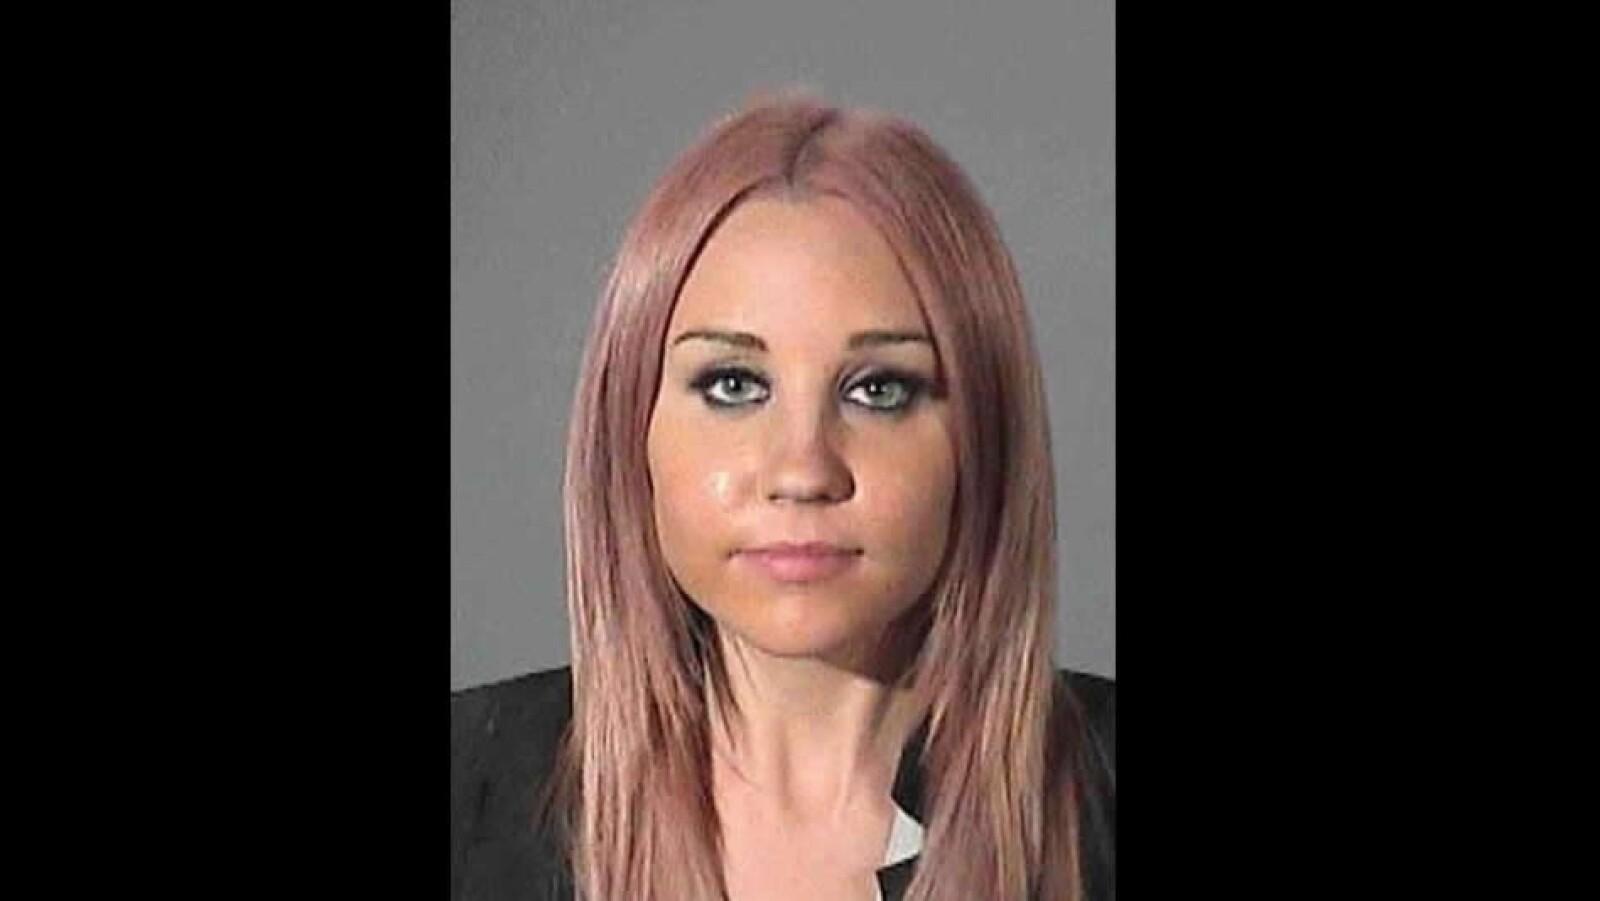 La actriz Amanda Bynes fue arrestada en abril de 2012